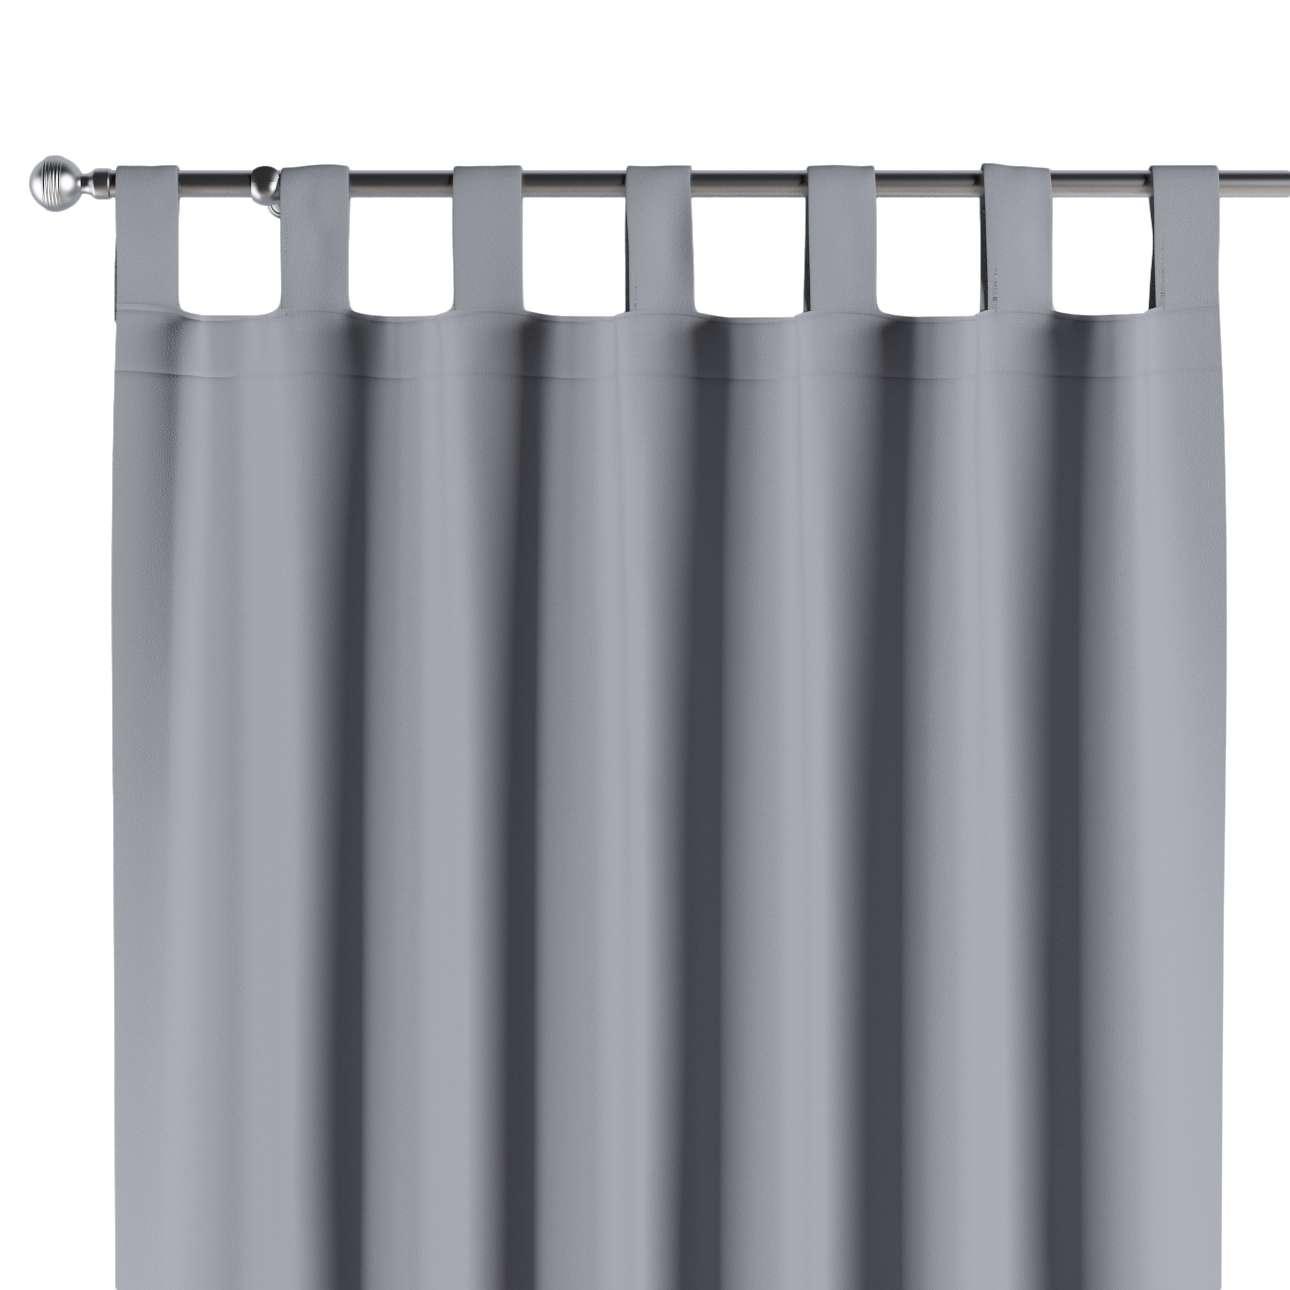 Kilpinio klostavimo užuolaidos (Blackout) 1vnt 140x260 cm kolekcijoje Blackout, audinys: 269-96